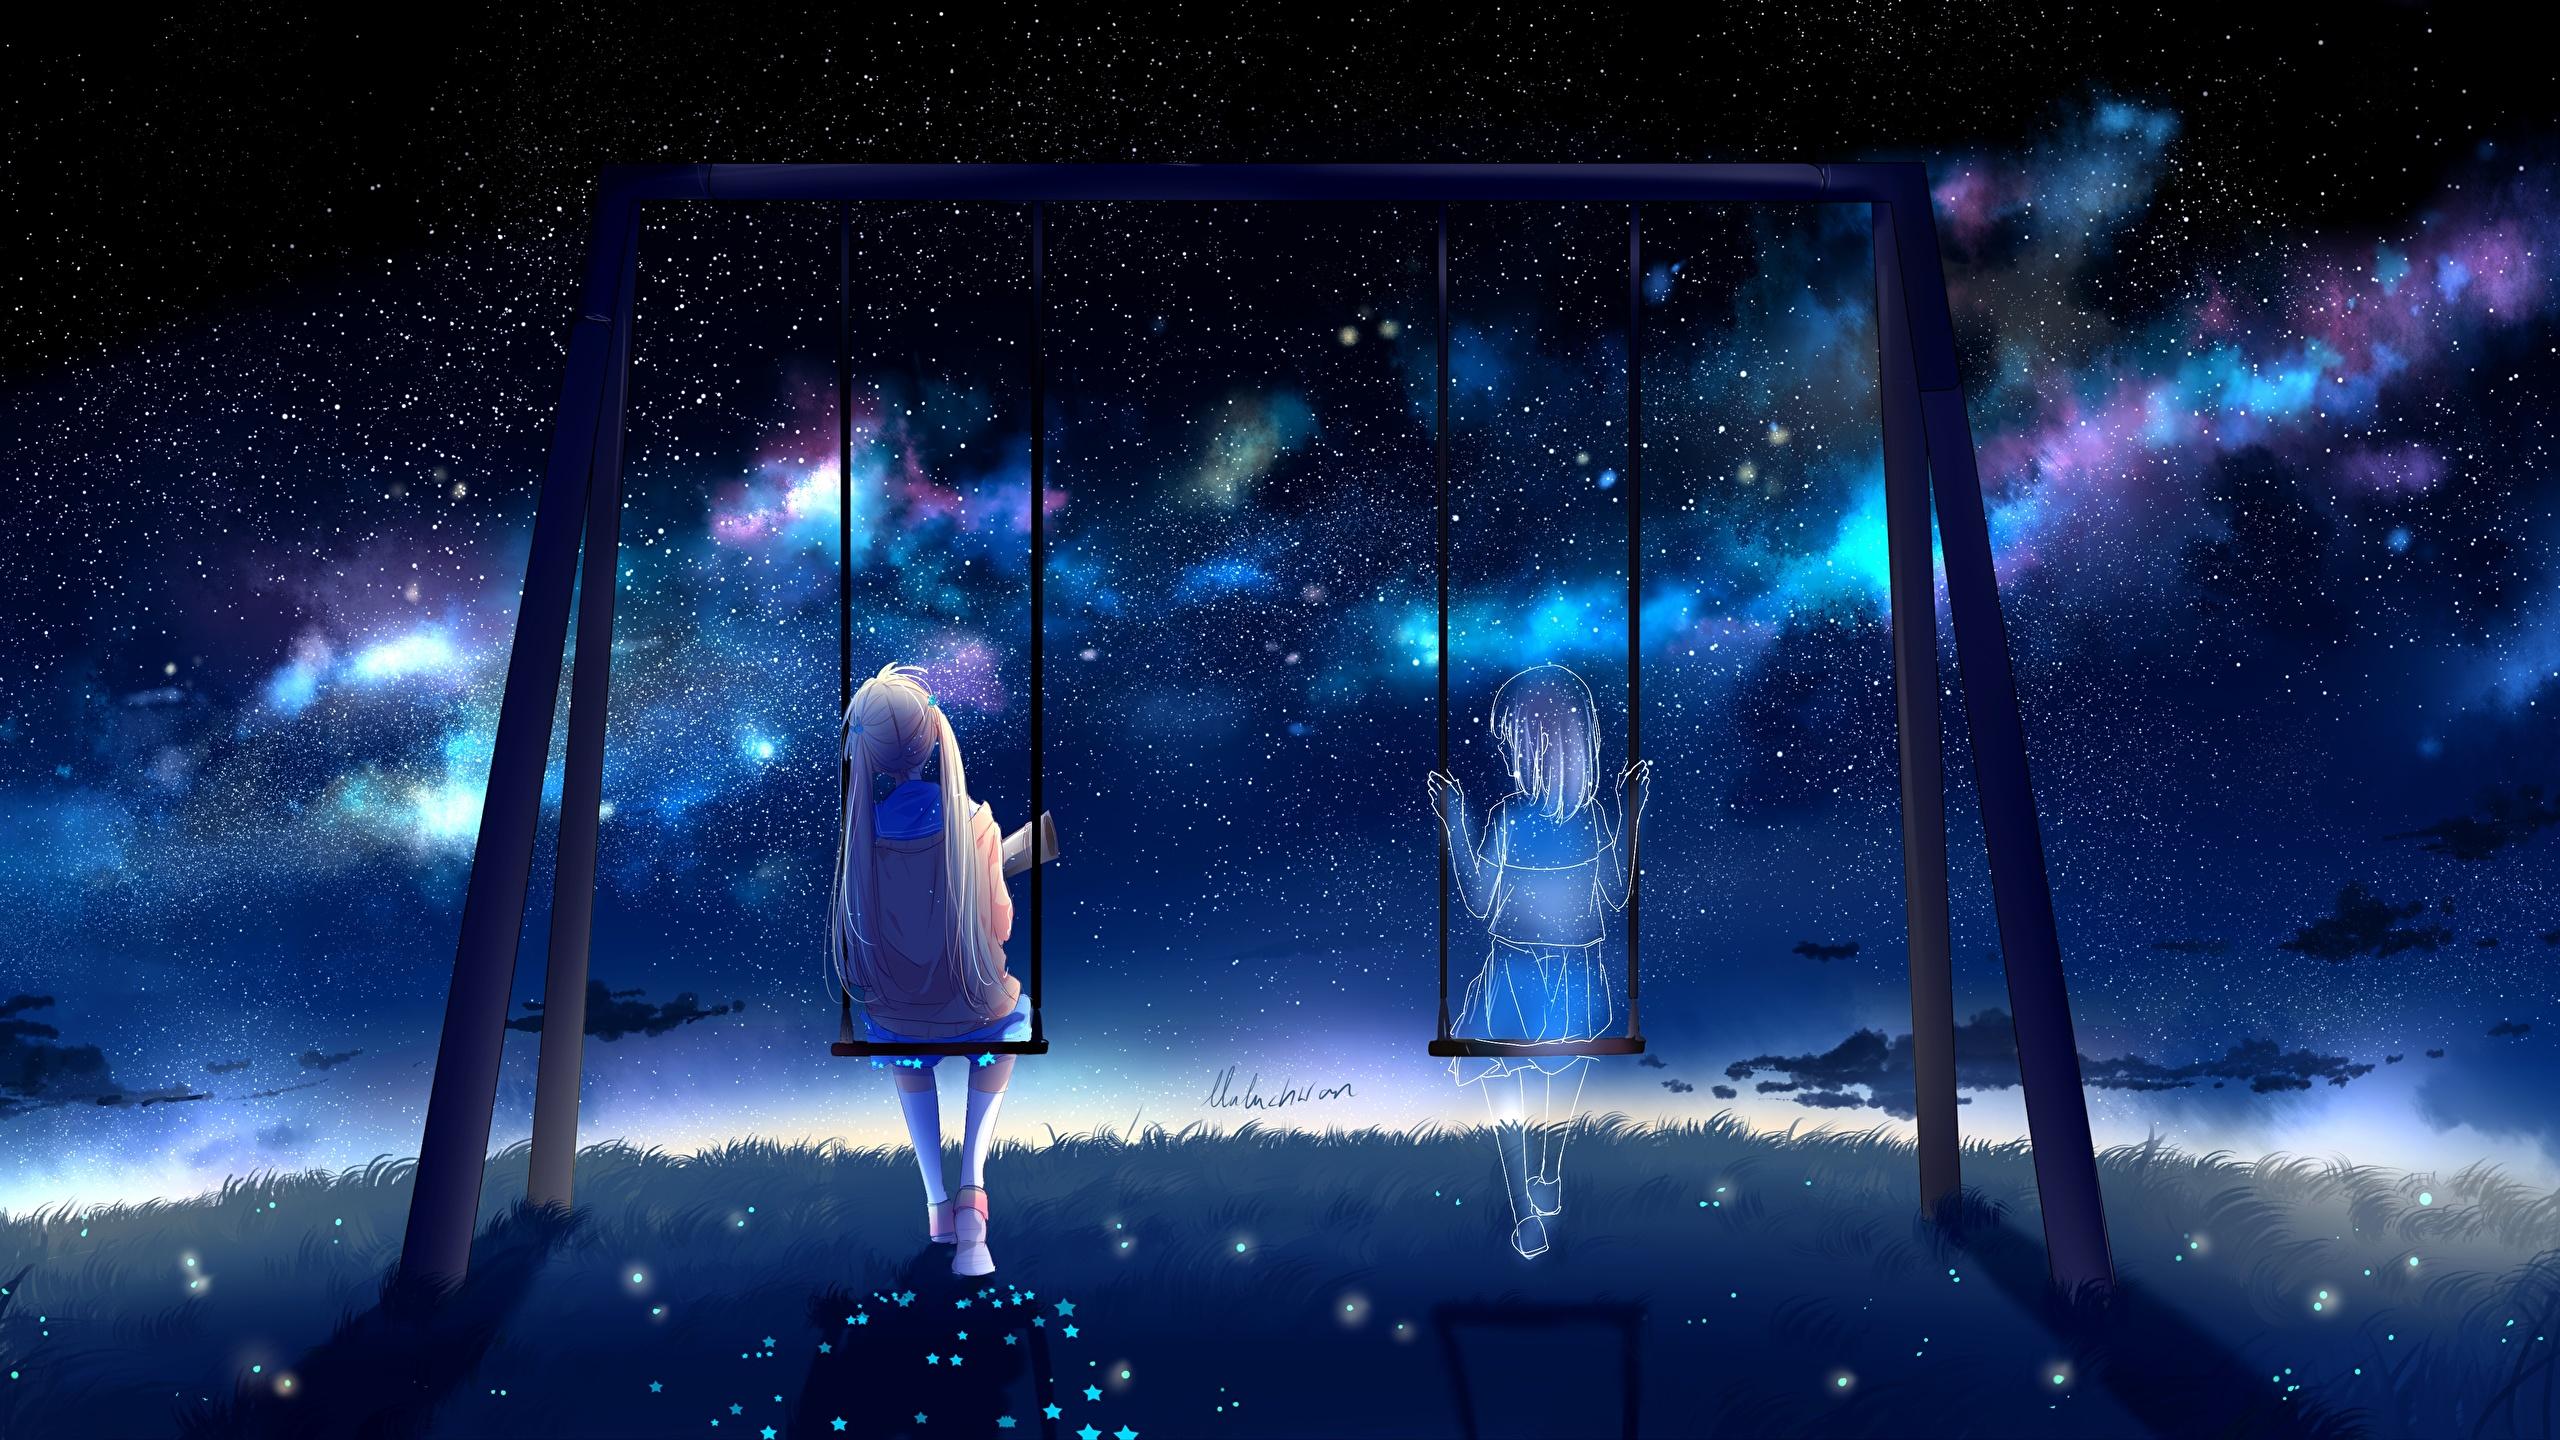 壁紙 2560x1440 ゴースト By Lluluchwan ブランコ 夜 座っ アニメ 少女 ダウンロード 写真